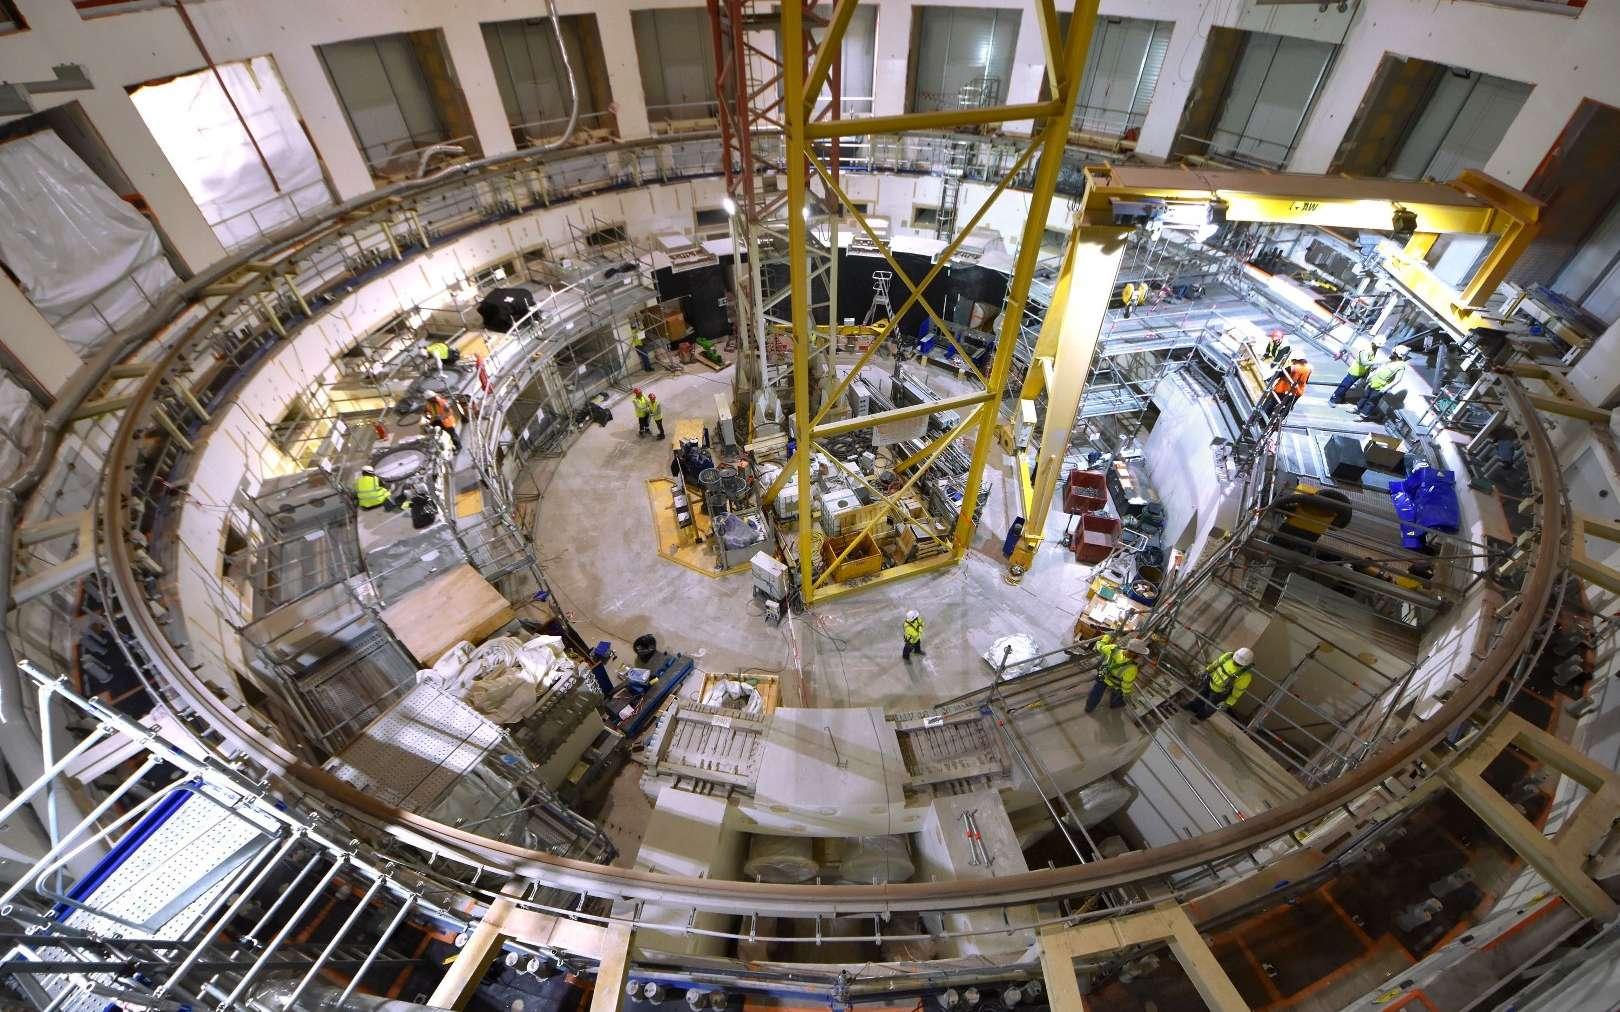 La maîtrise de la fusion contrôlée est indispensable à l'humanité pour affronter les défis de la seconde moitié du XXIe siècle. Dans la fosse d'assemblage d'Iter, les ancrages de la machine et du « thermos » géant qui l'enveloppe (le cryostat) étaient en cours d'installation en 2019. © 2019, Iter Organization